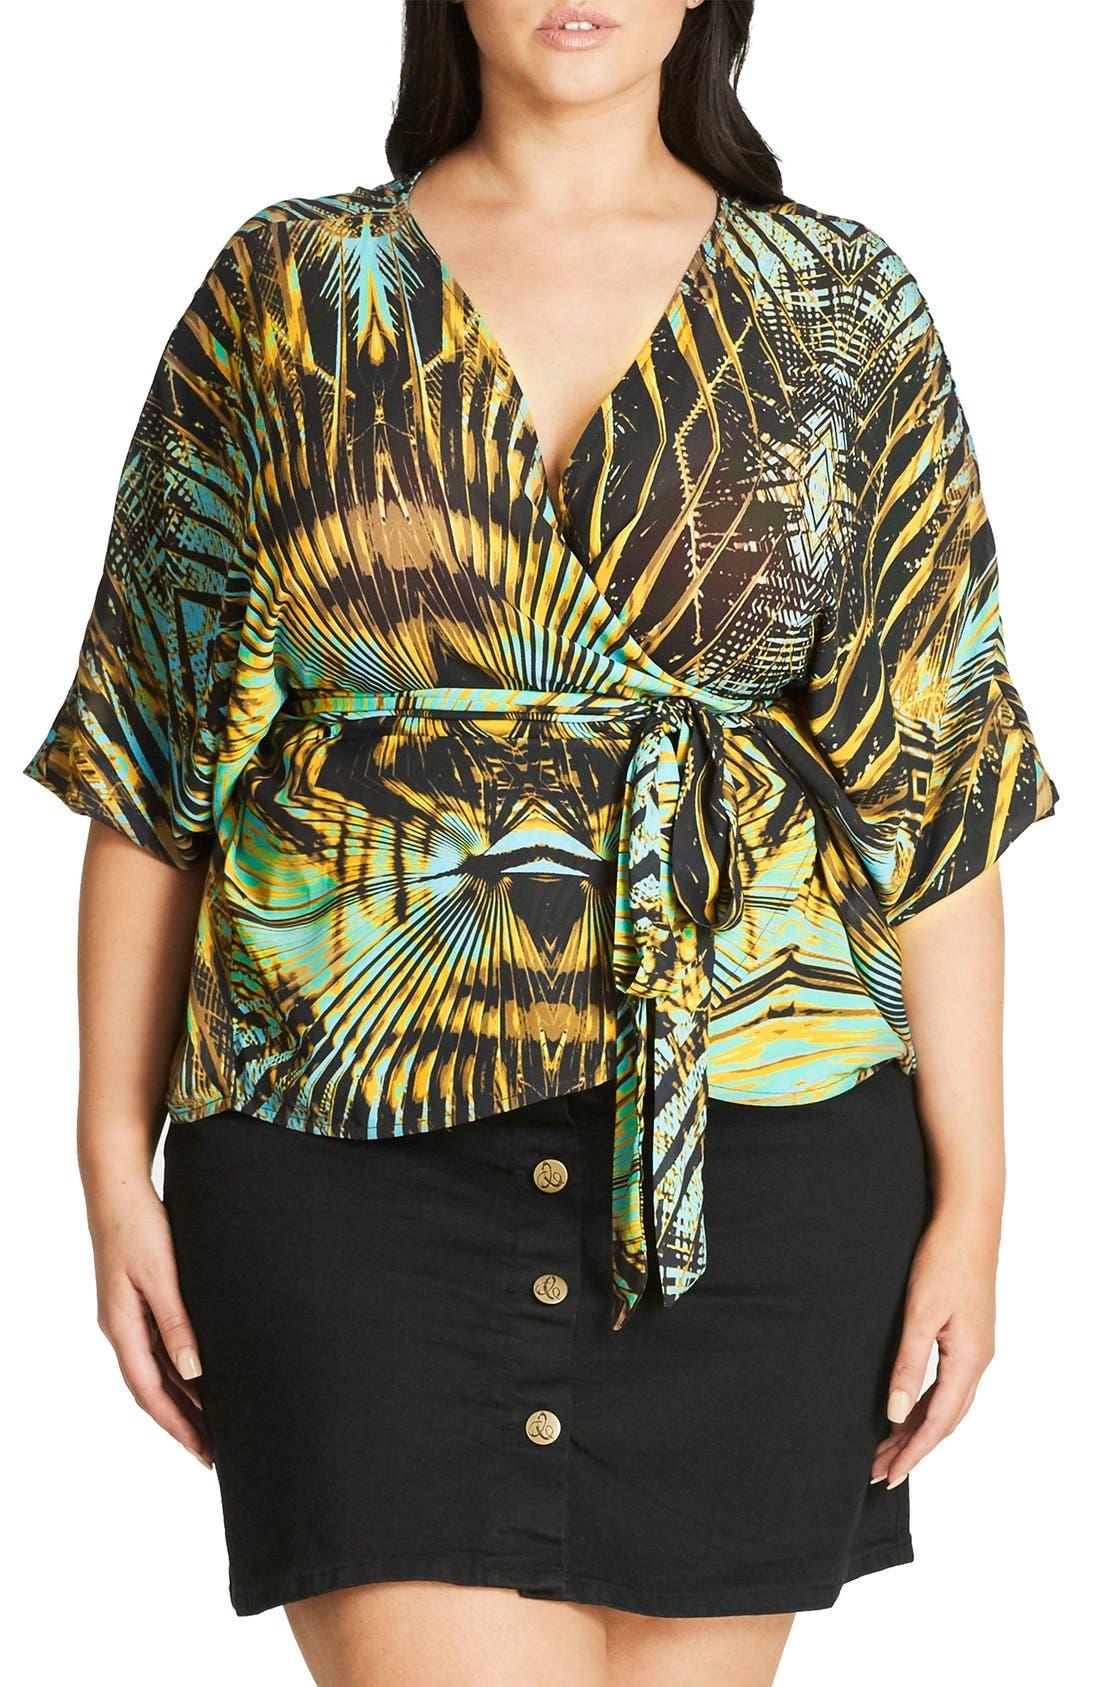 Main Image - City Chic Jungle Print Wrap Top (Plus Size)